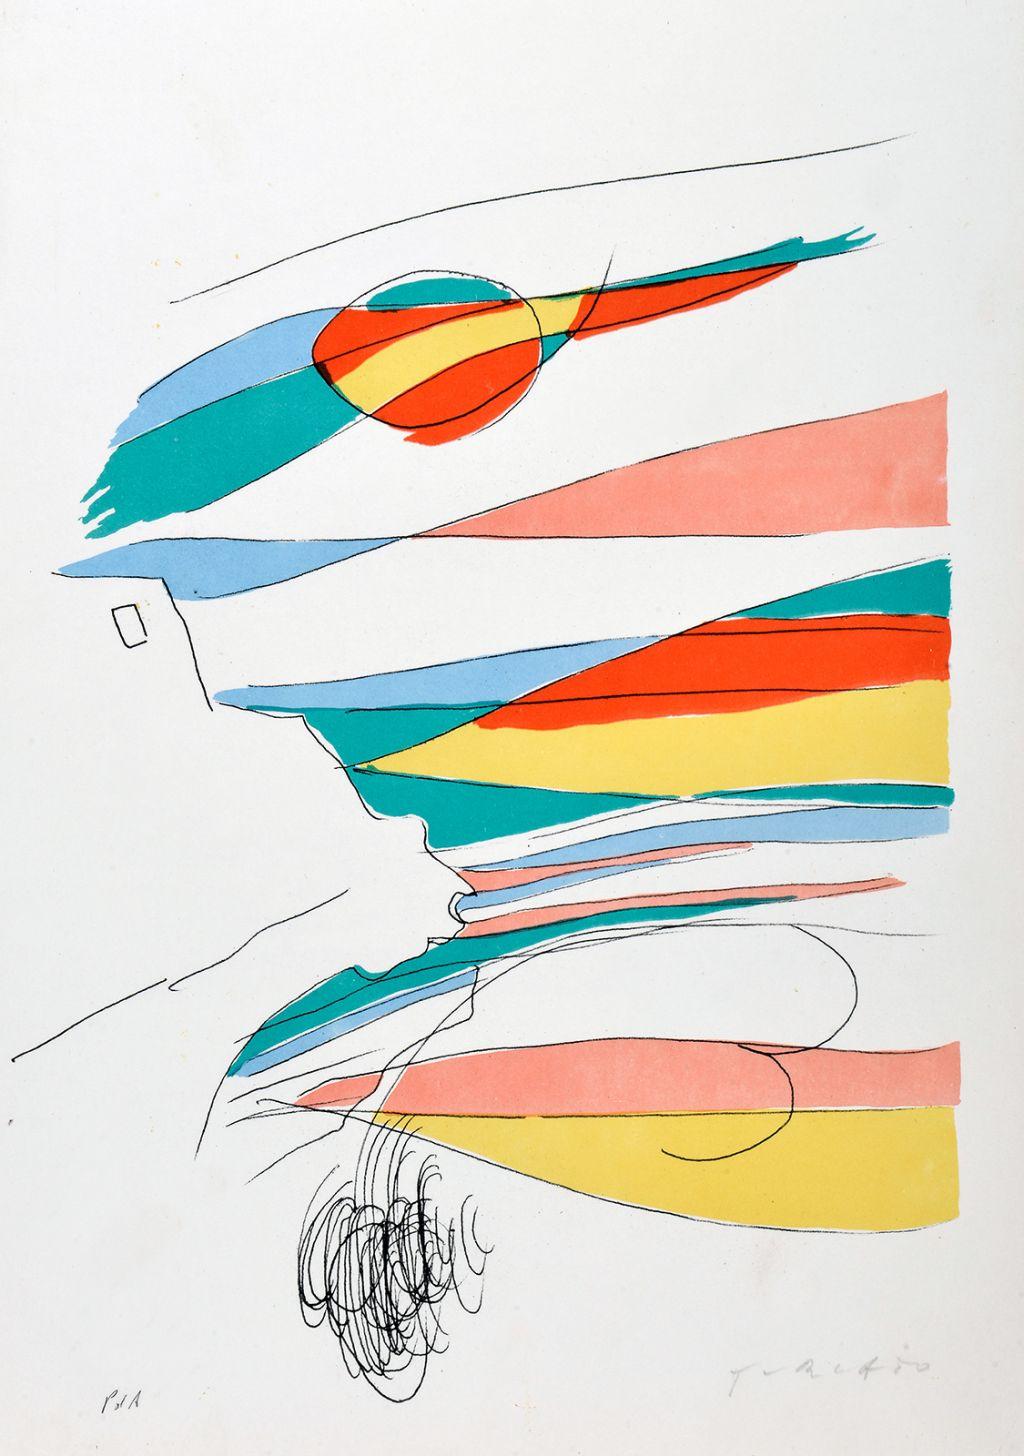 turcato-giulio-litografia